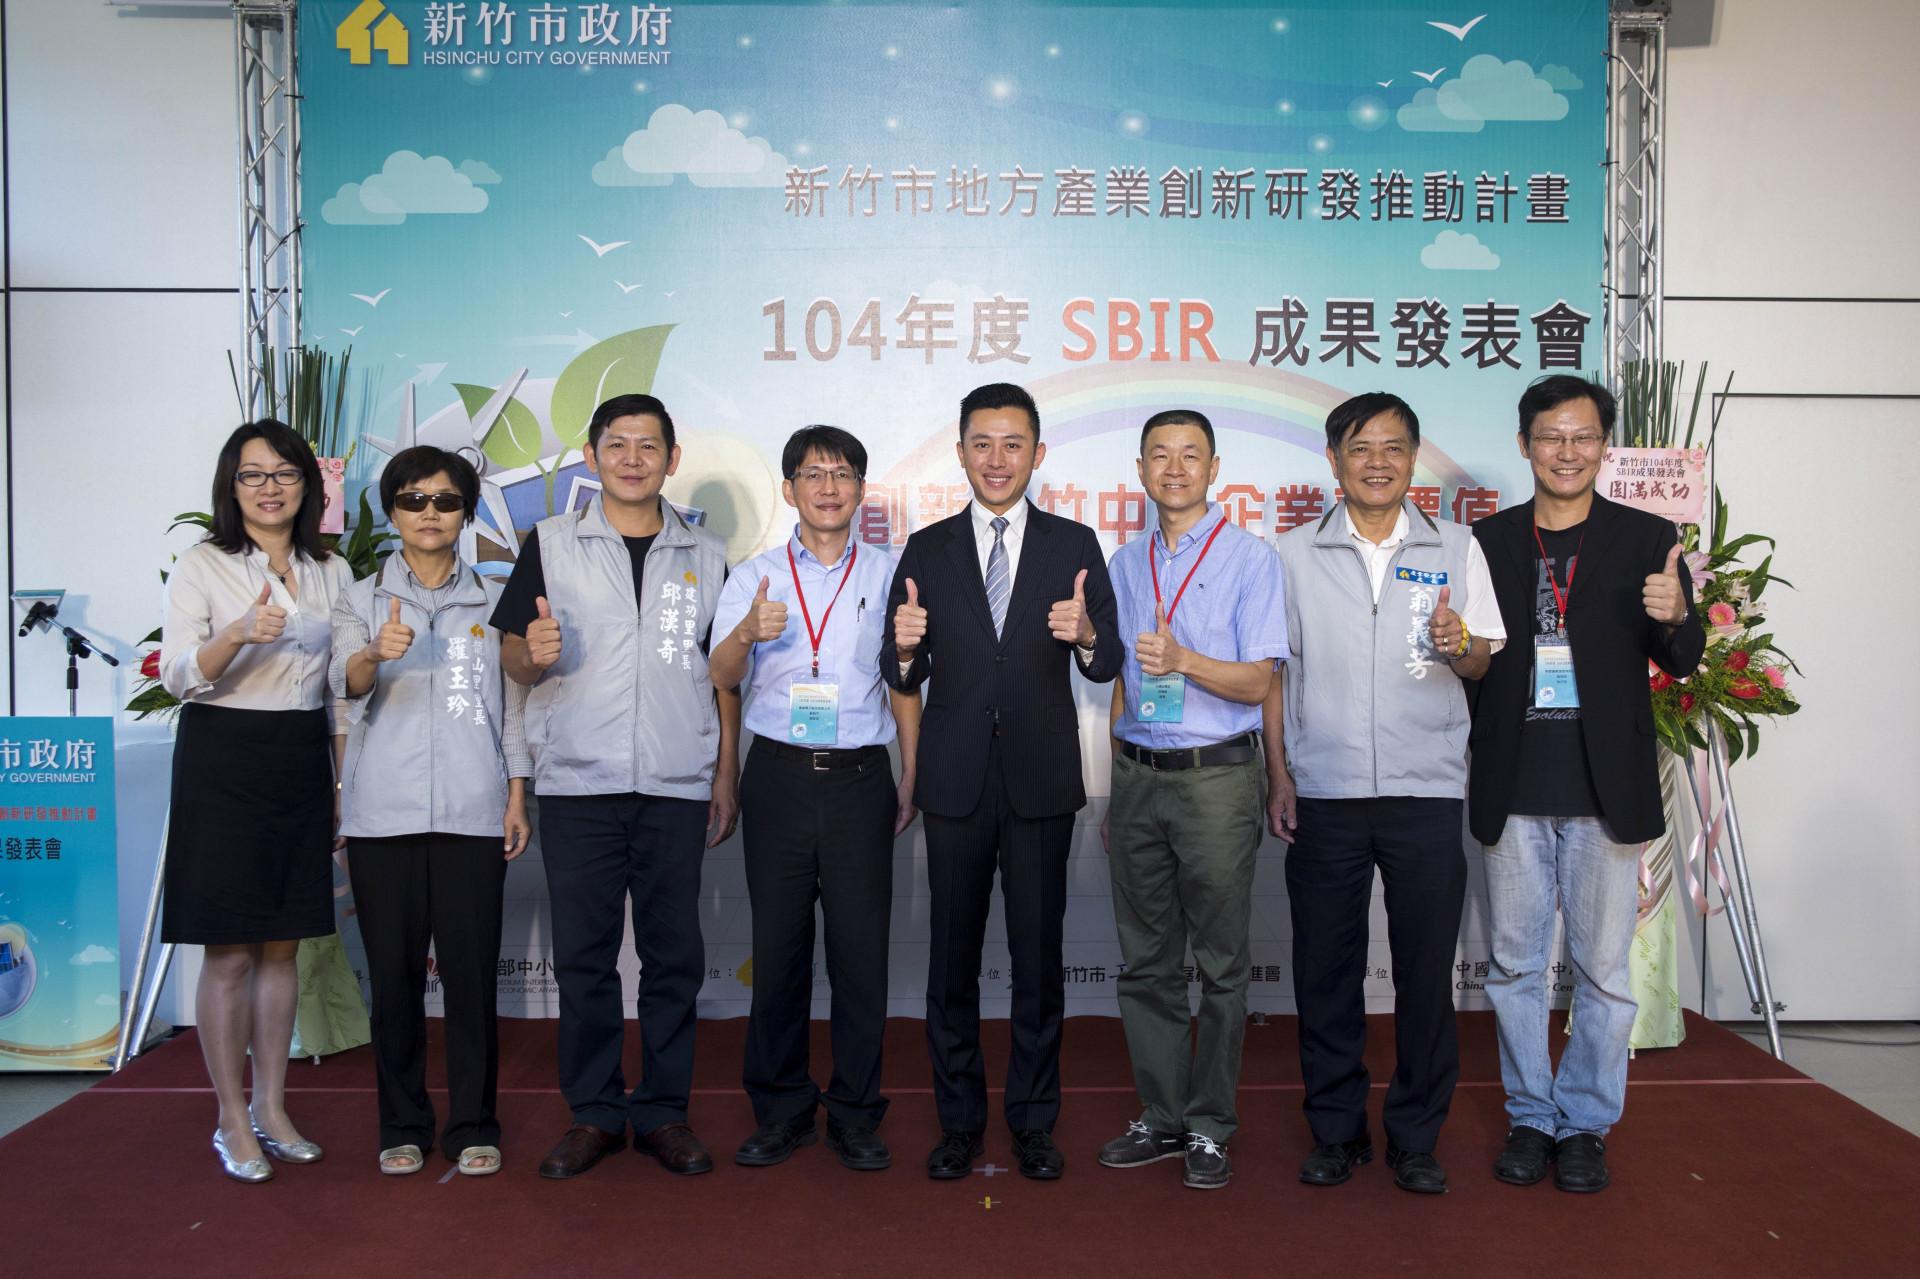 新竹市SBIR計畫成果展 林智堅盼強化經濟動能